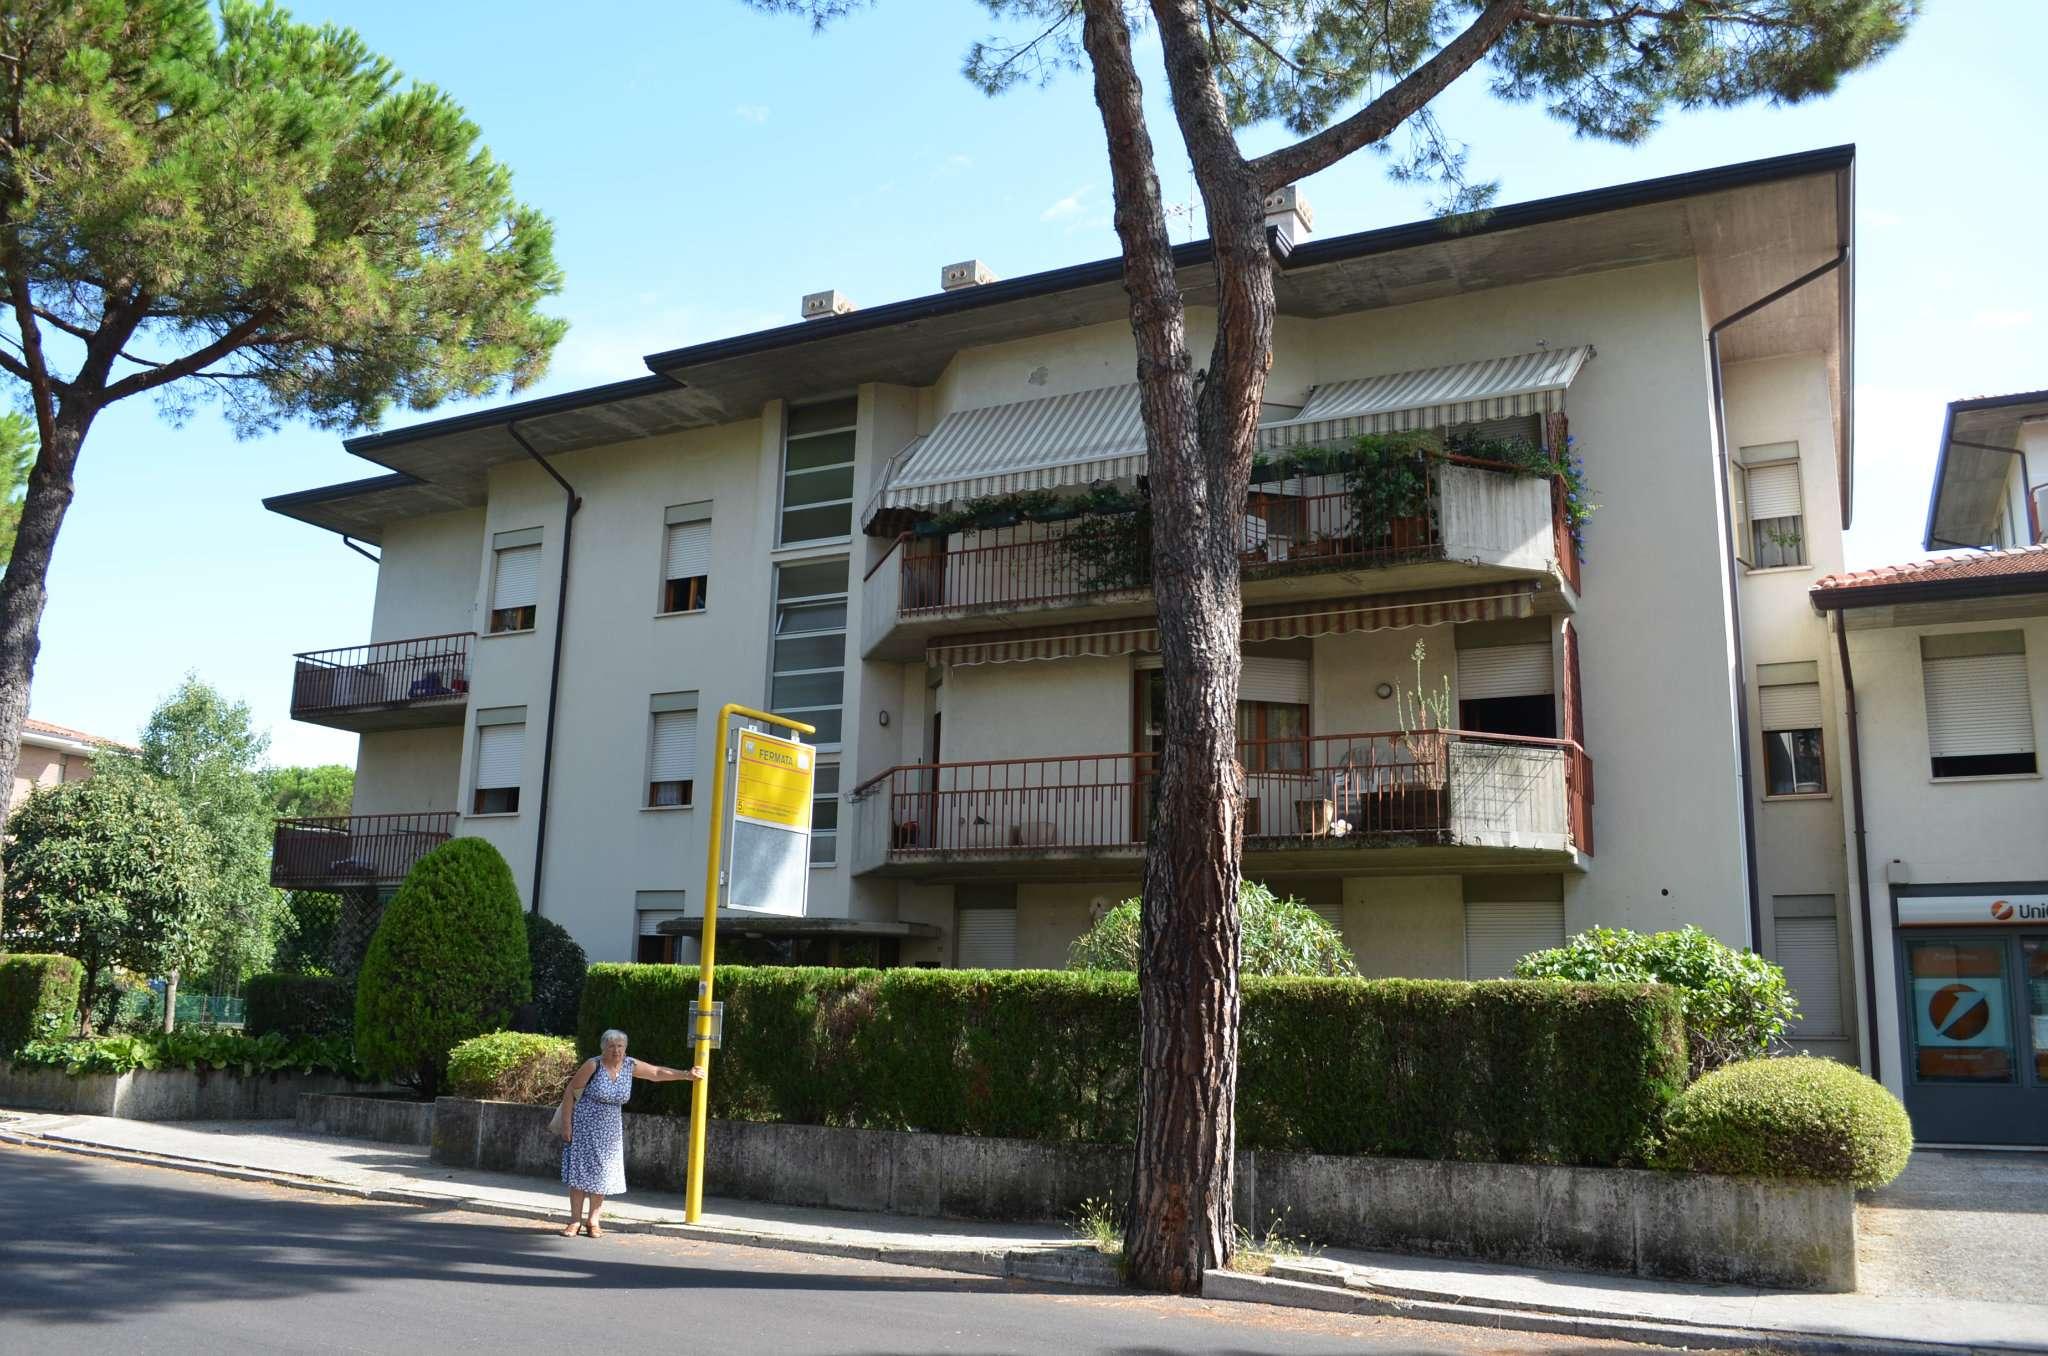 Appartamento in vendita a Bassano del Grappa, 5 locali, prezzo € 115.000 | Cambio Casa.it